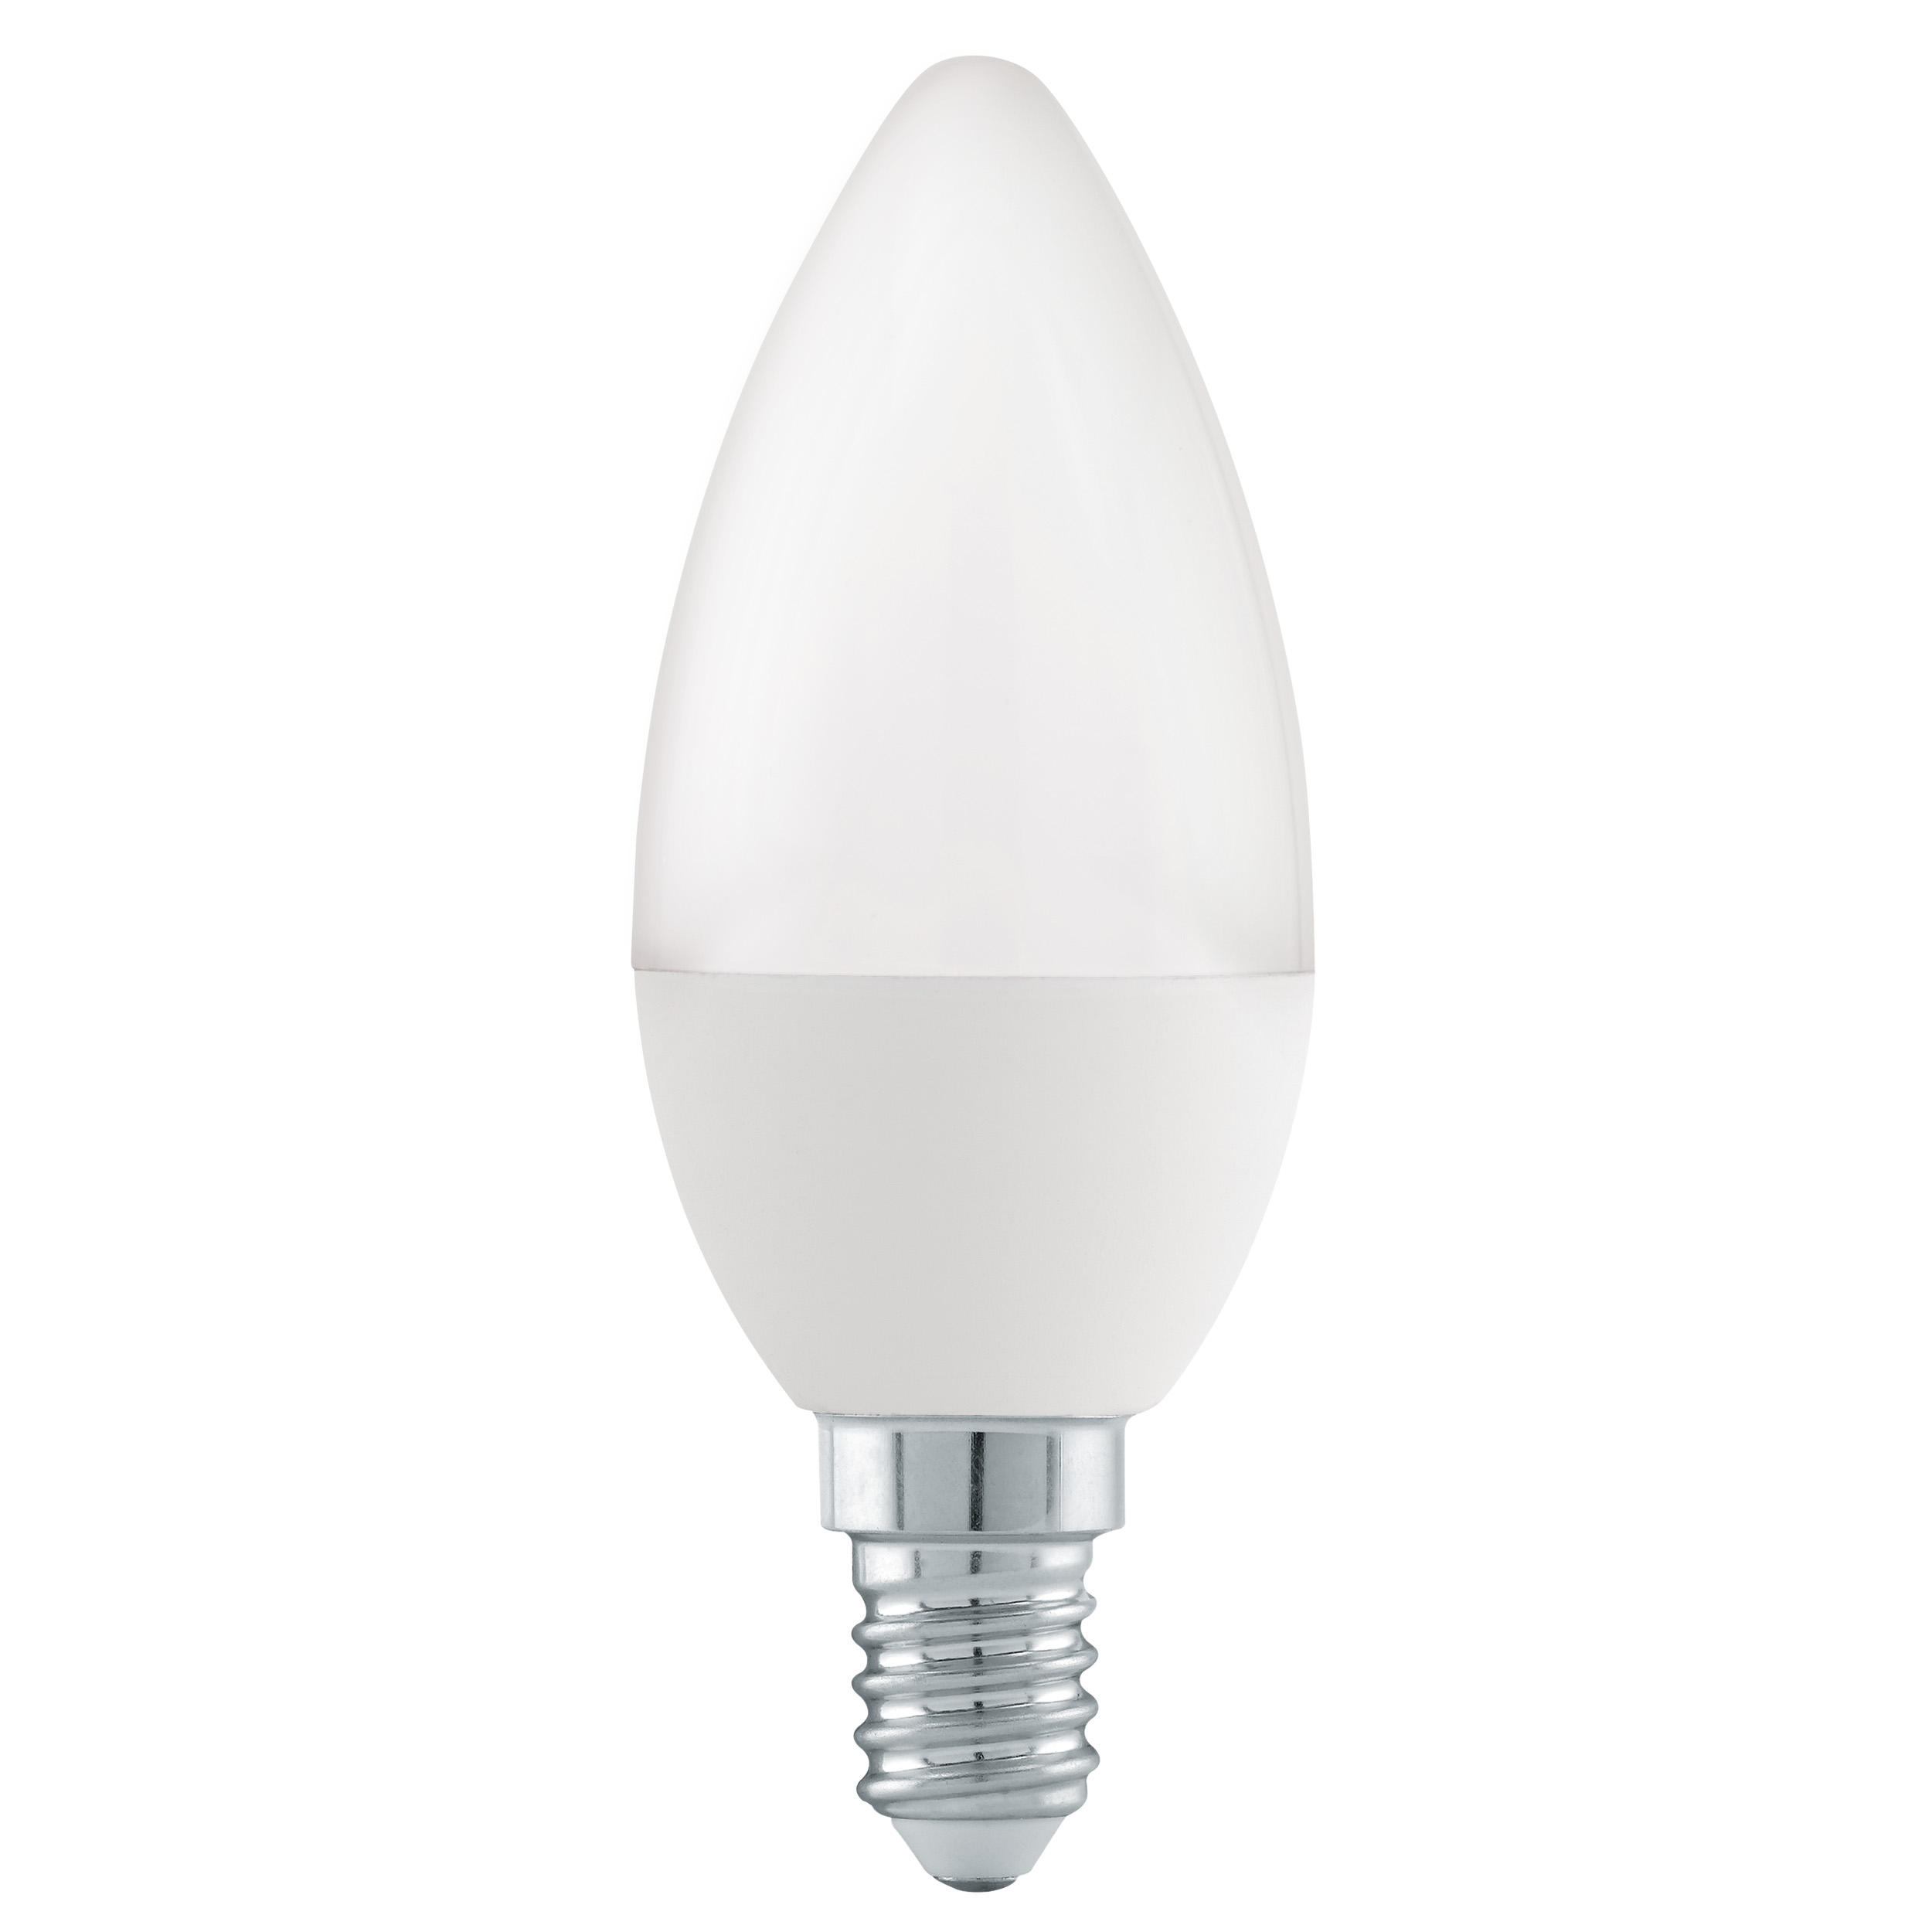 1 Stk E14-LED-C37 6W / Kerze 4000  LI69179---